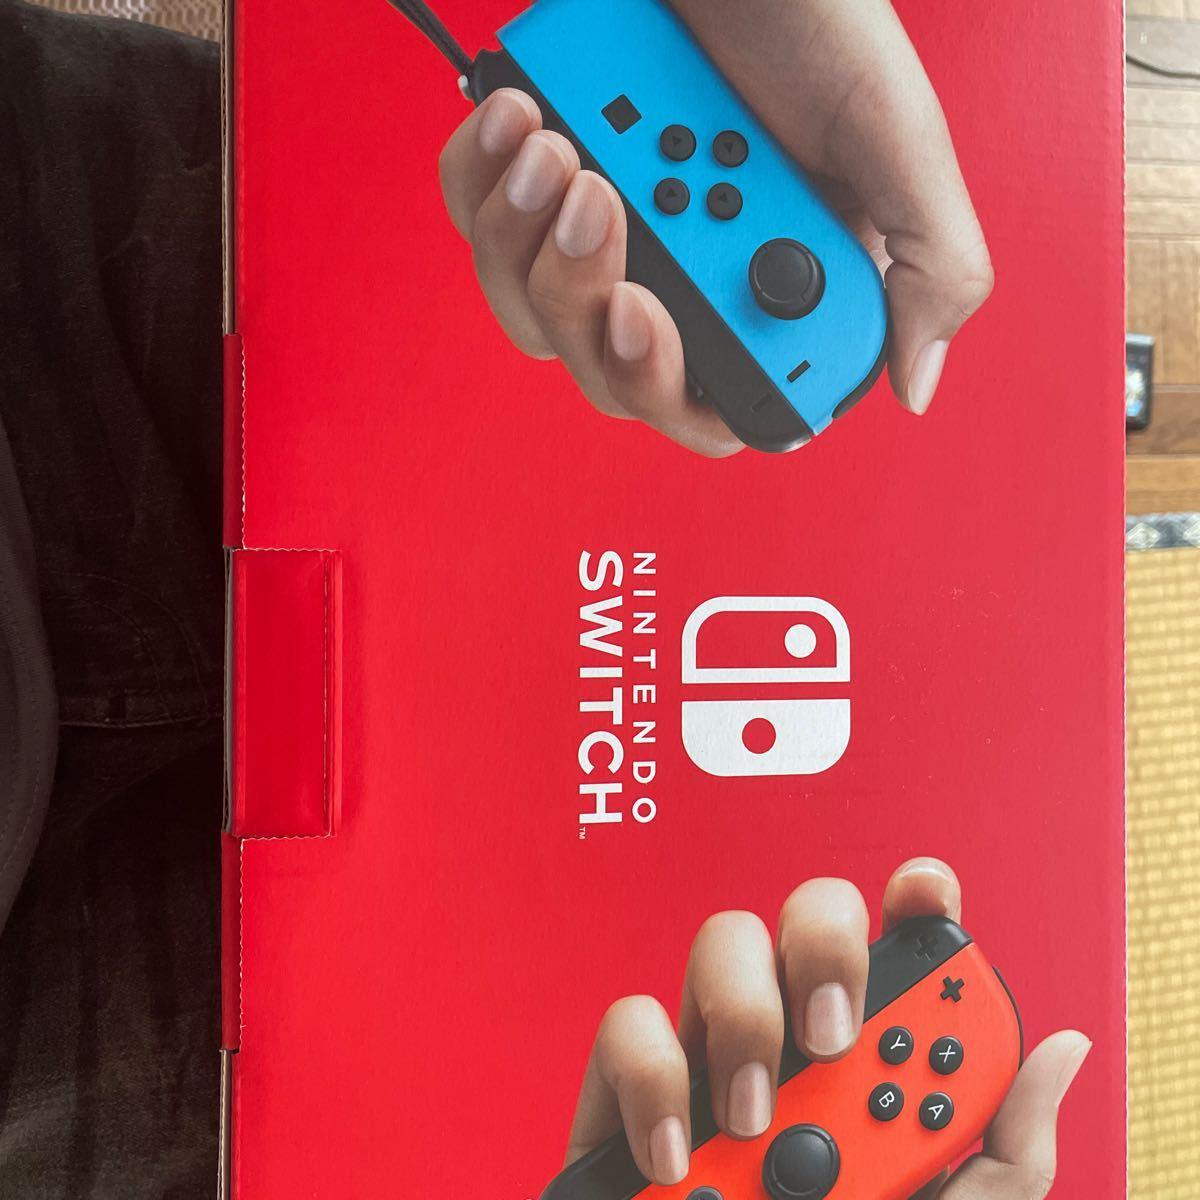 Nintendo Switch ニンテンドースイッチ 任天堂